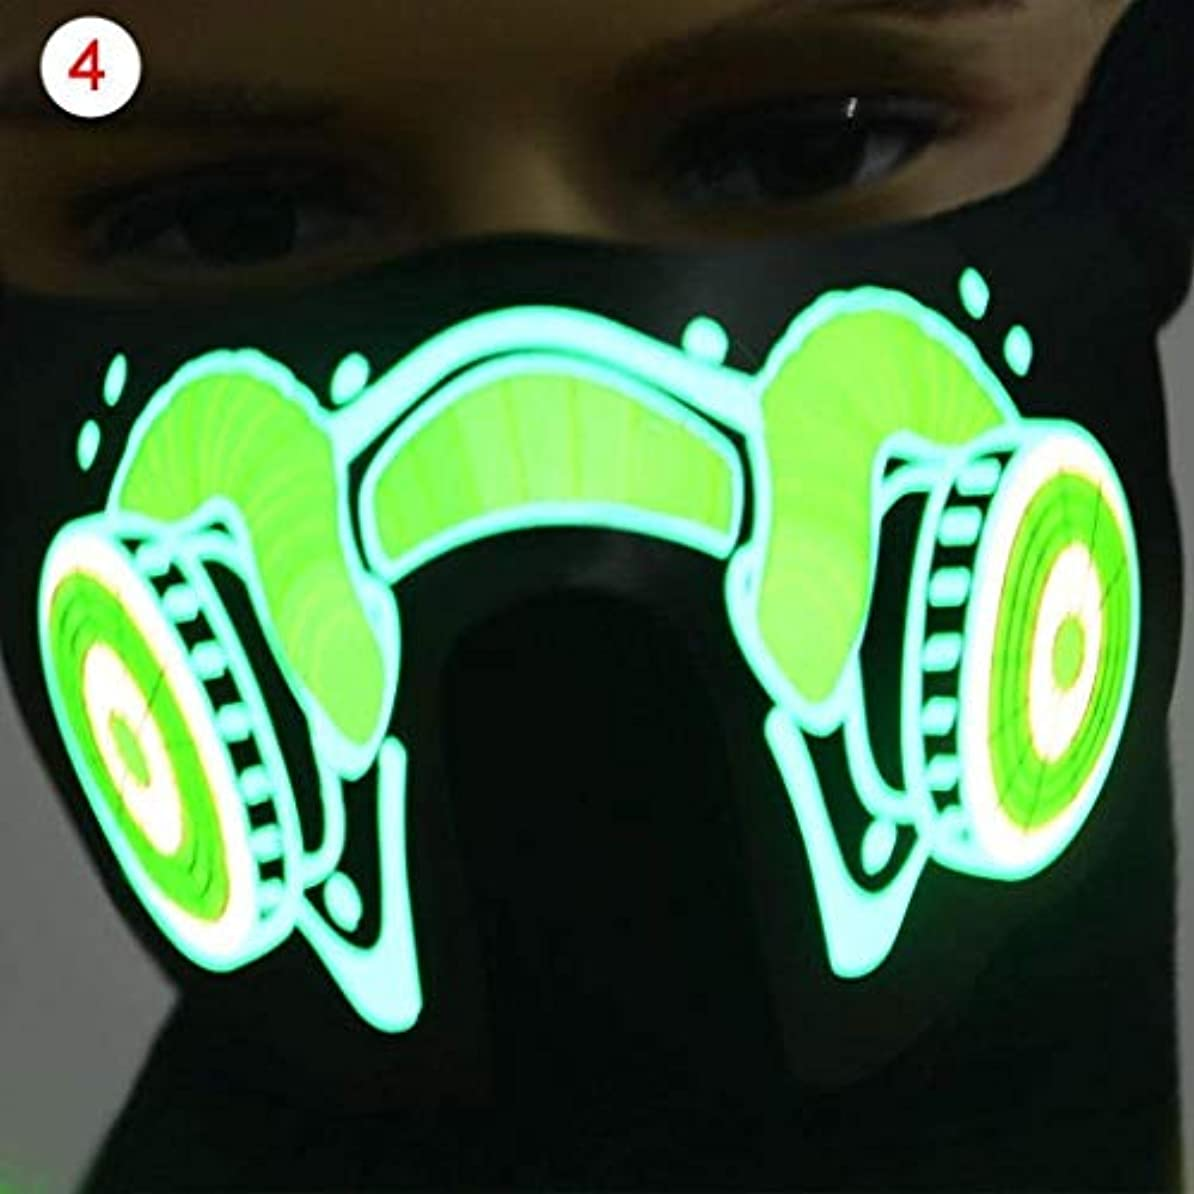 ハロウィーン新年パーティーネックフードのフェイスマスク (Color : 2)